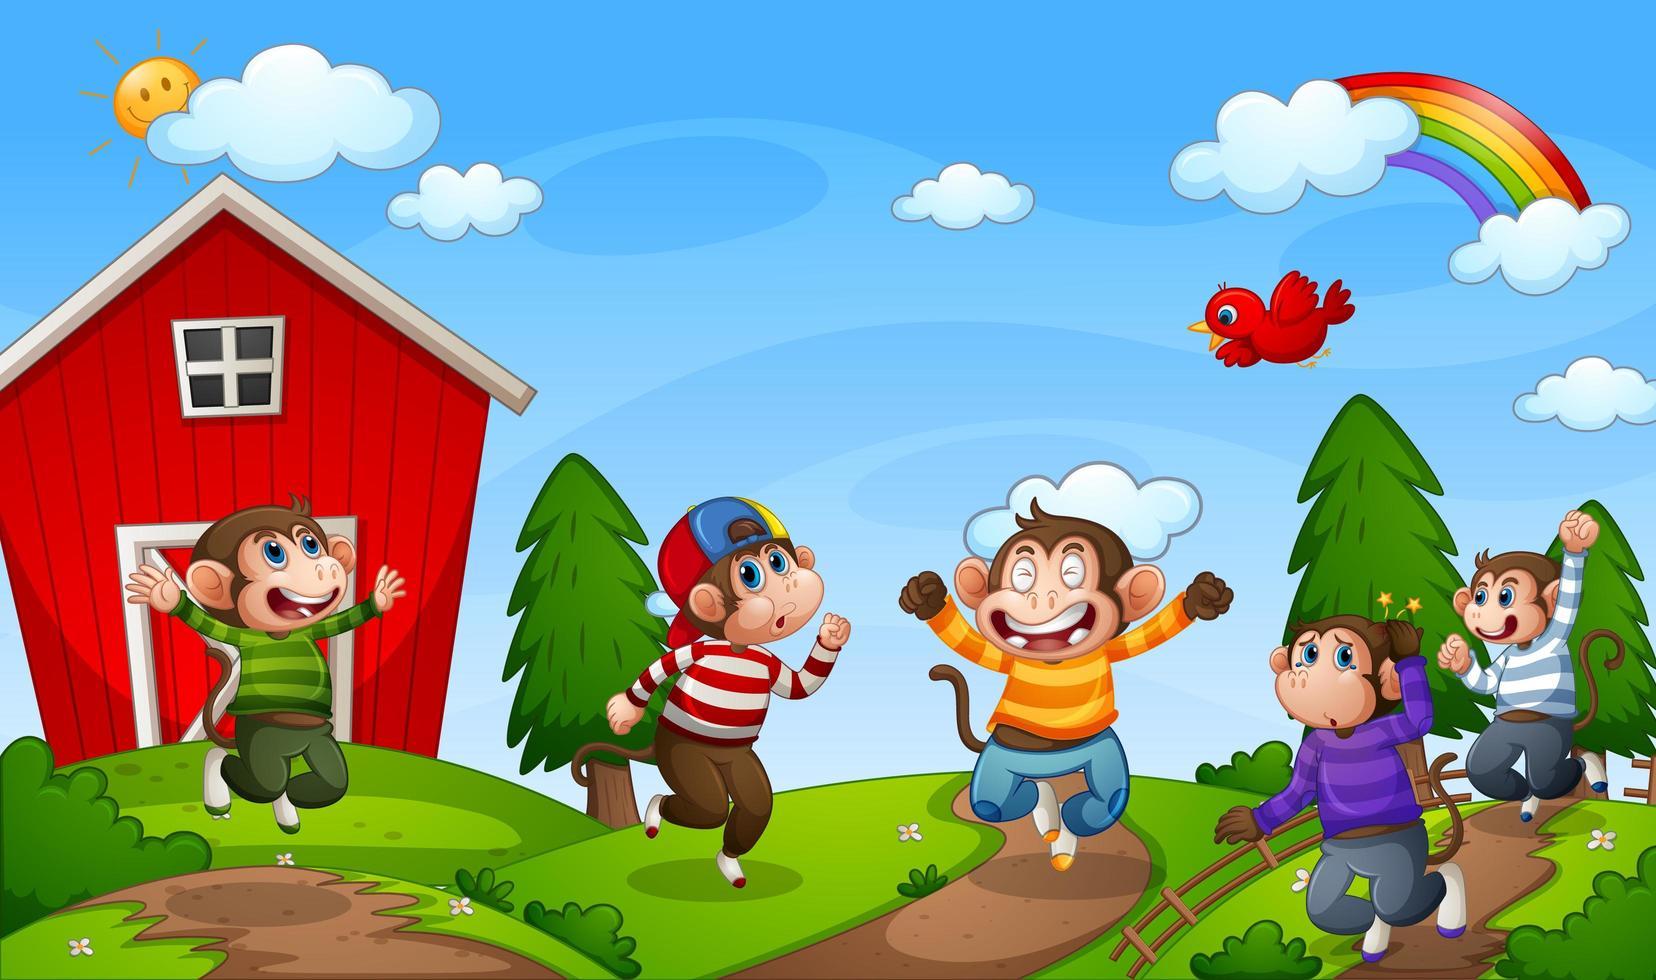 cinq petits singes sautant dans la scène de la ferme vecteur